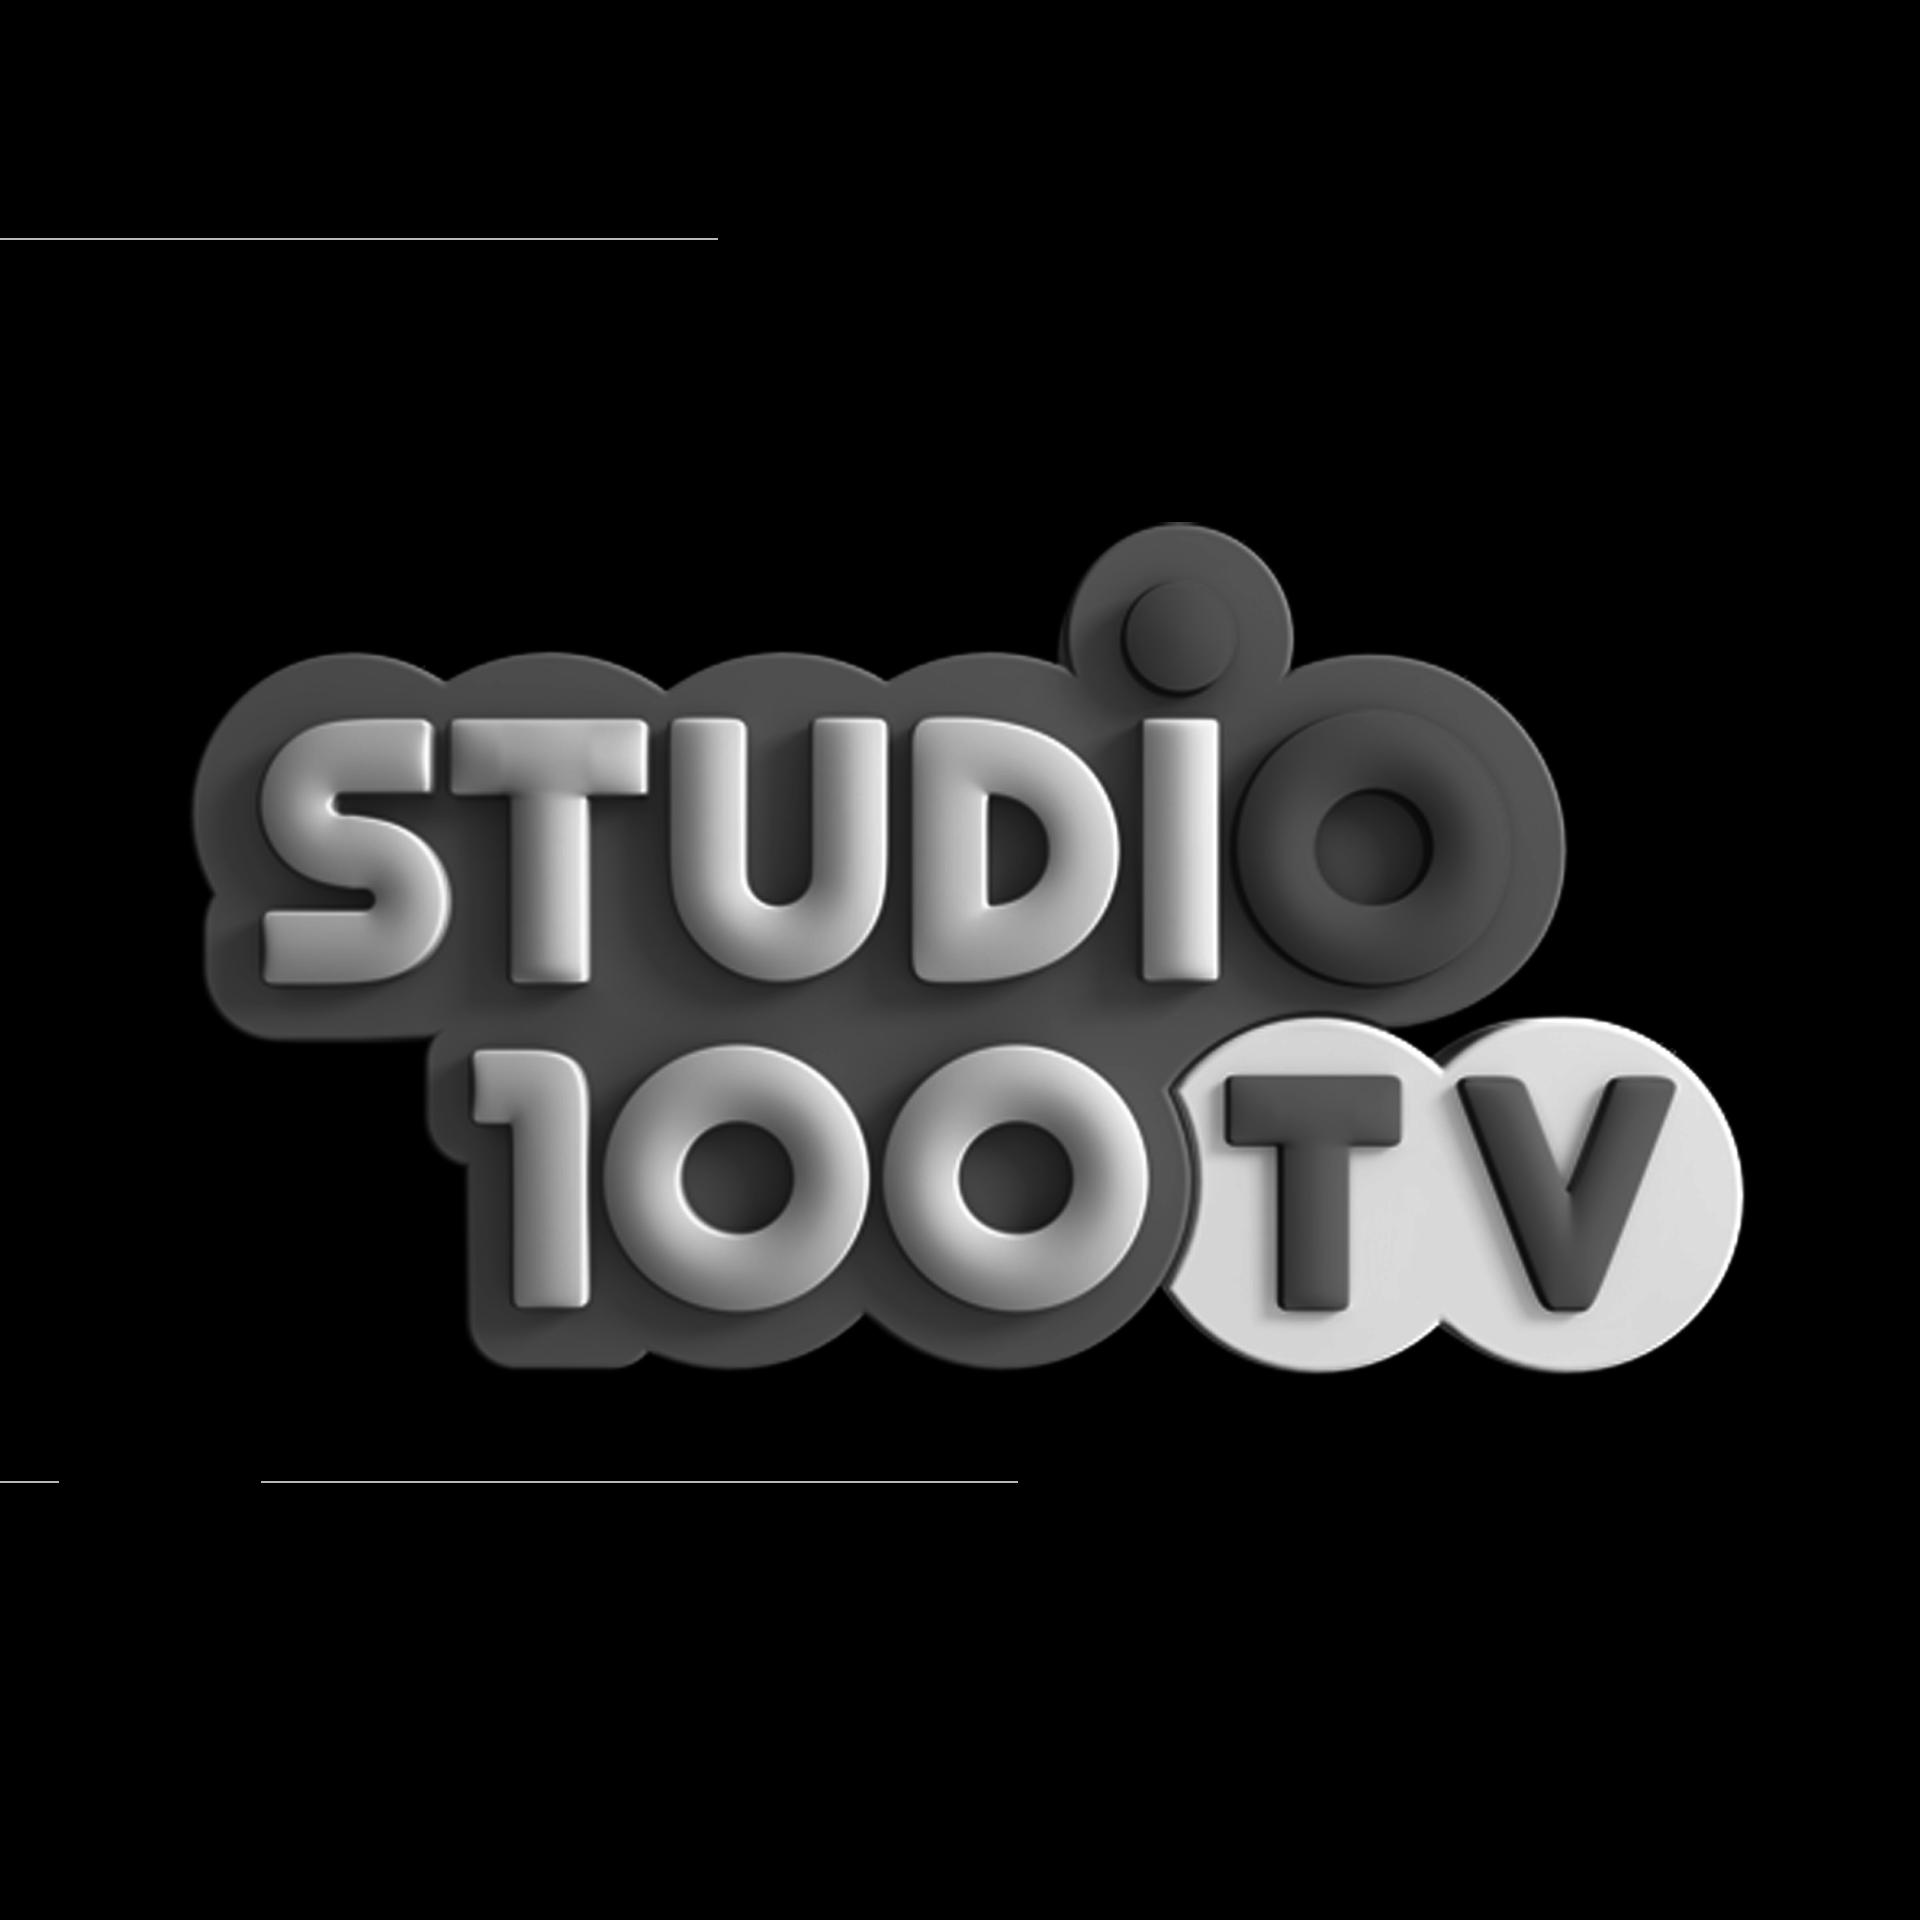 Studio 100 Transfer